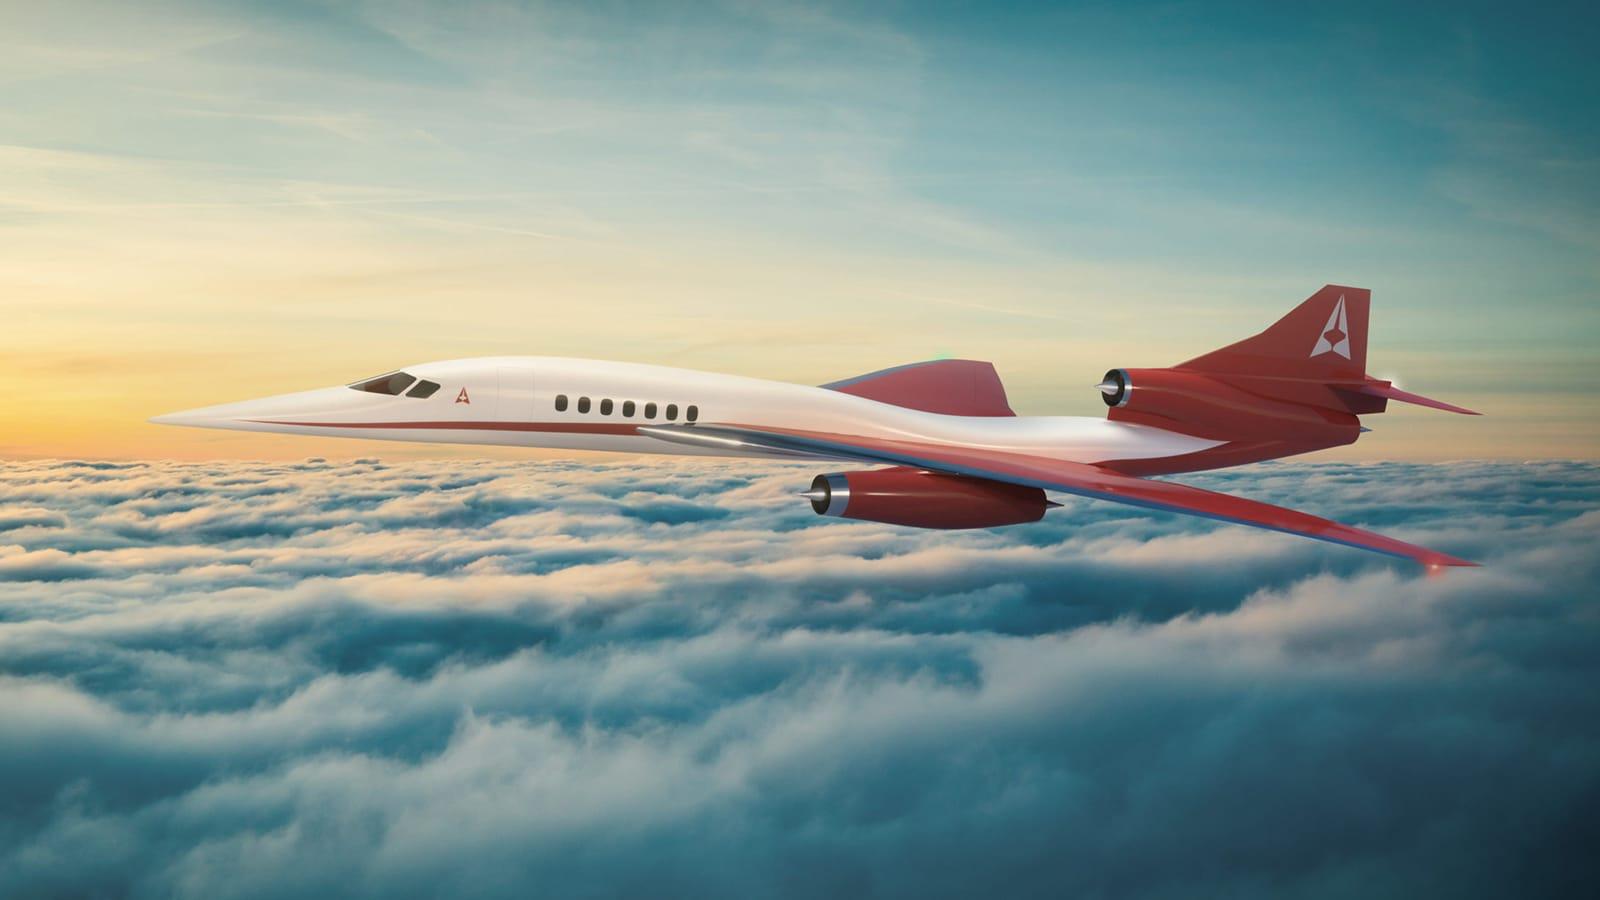 السباق لإنتاج أول طائرة ركاب تفوق سرعة الصوت يحتد